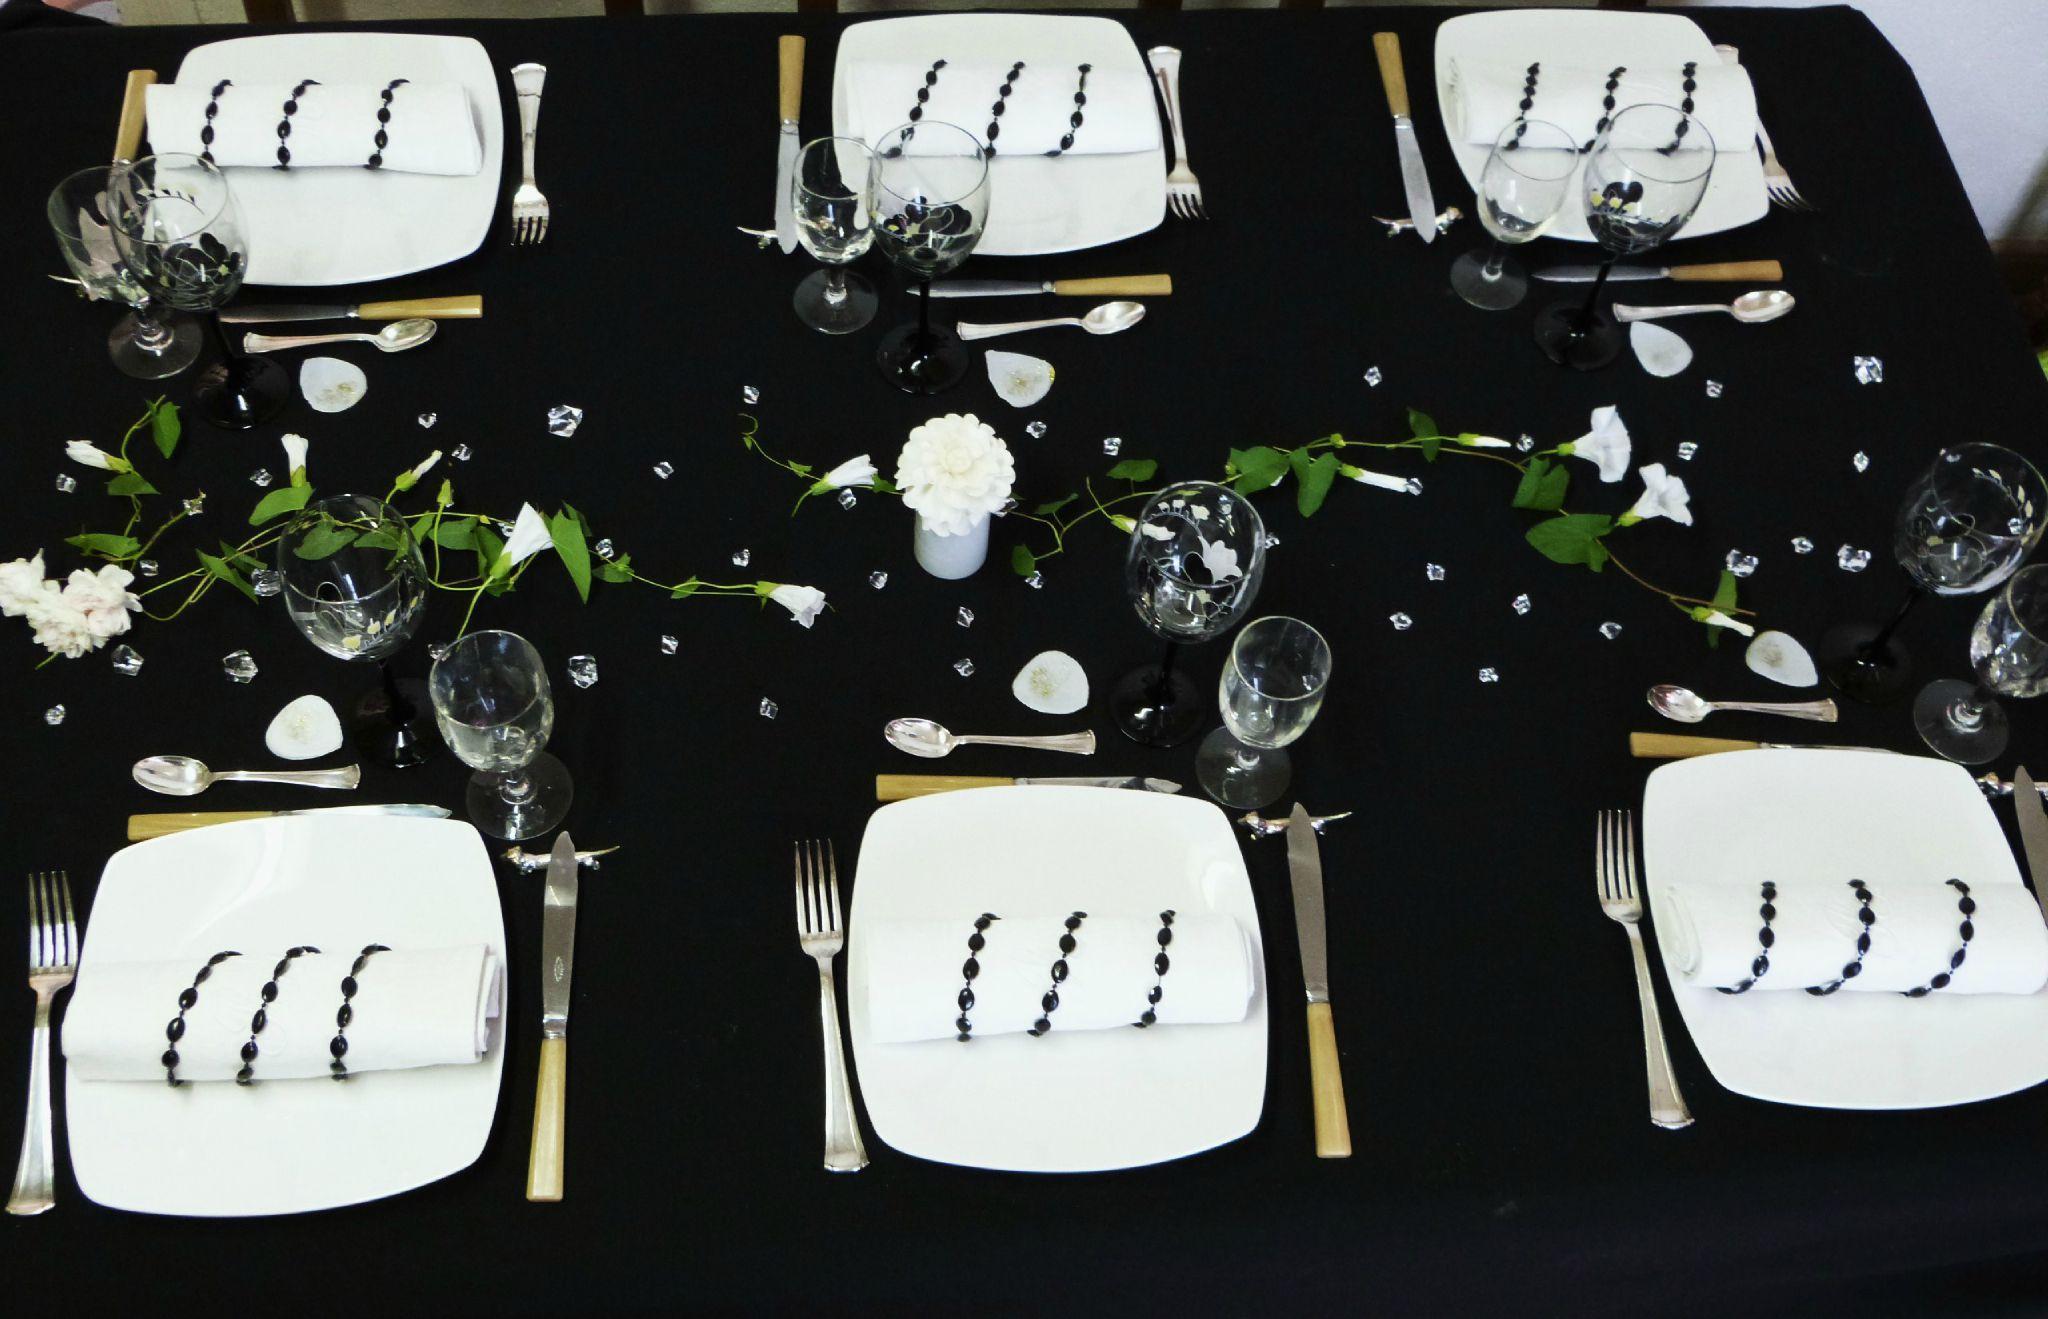 Célèbre Table en noir et blanc - tables et déco d'Estelle WU36